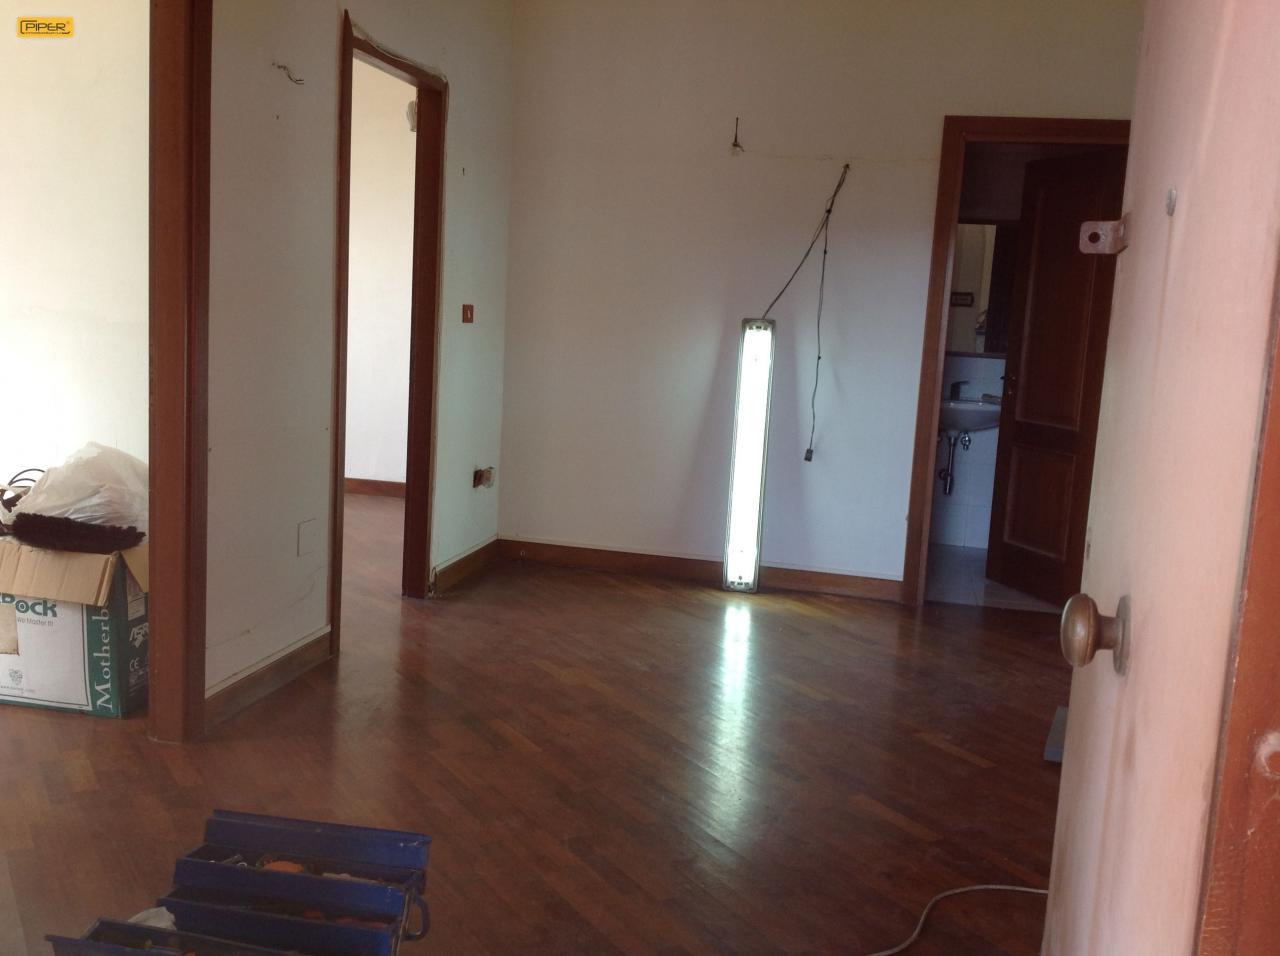 Appartamento in affitto a Napoli, 3 locali, zona Zona: 9 . Soccavo, Pianura, prezzo € 600 | CambioCasa.it